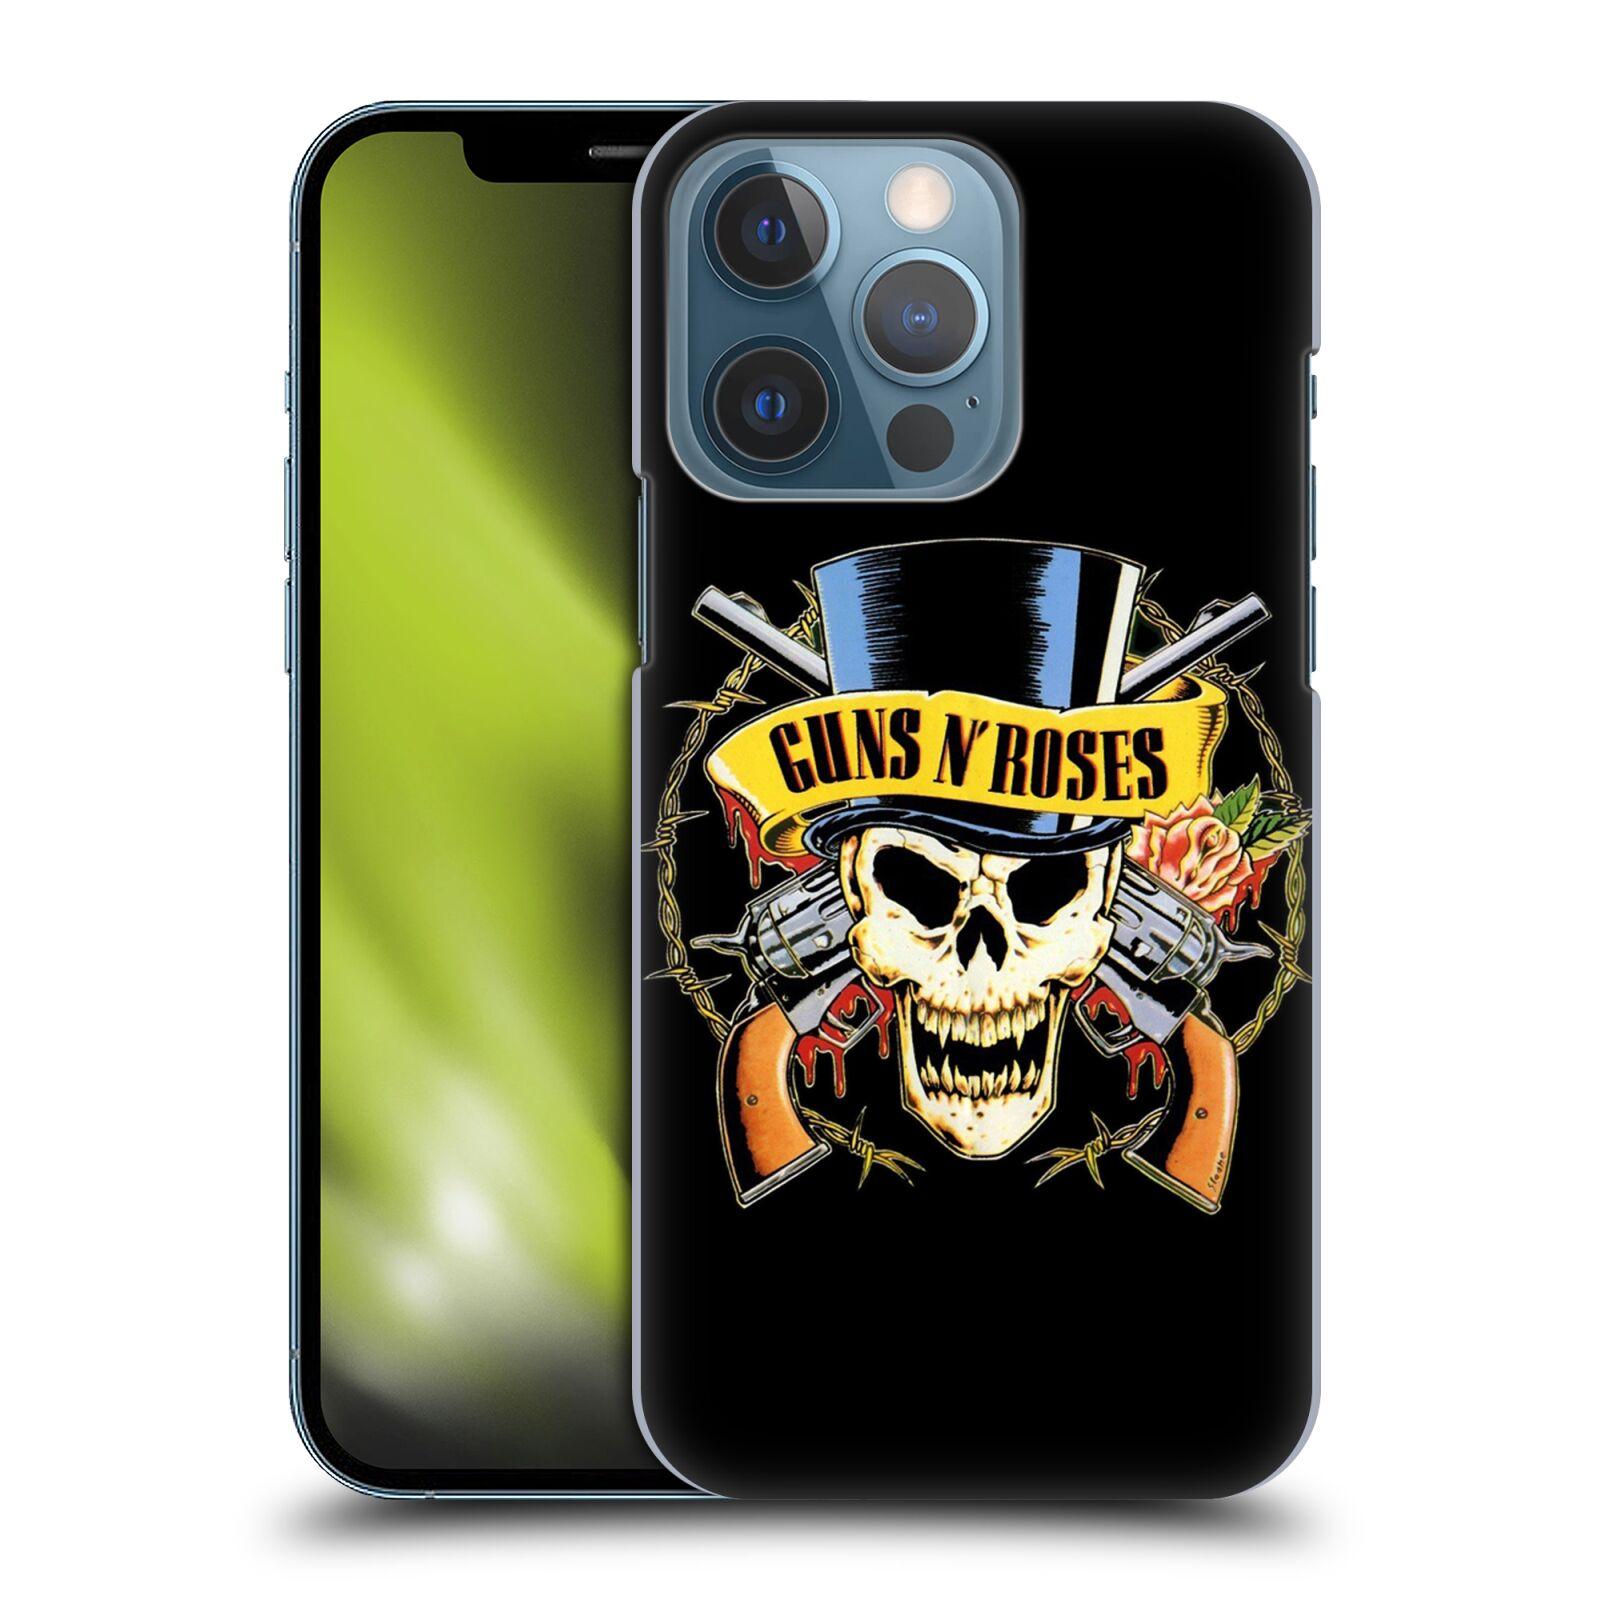 Plastové pouzdro na mobil Apple iPhone 13 Pro - Head Case - Guns N' Roses - Lebka